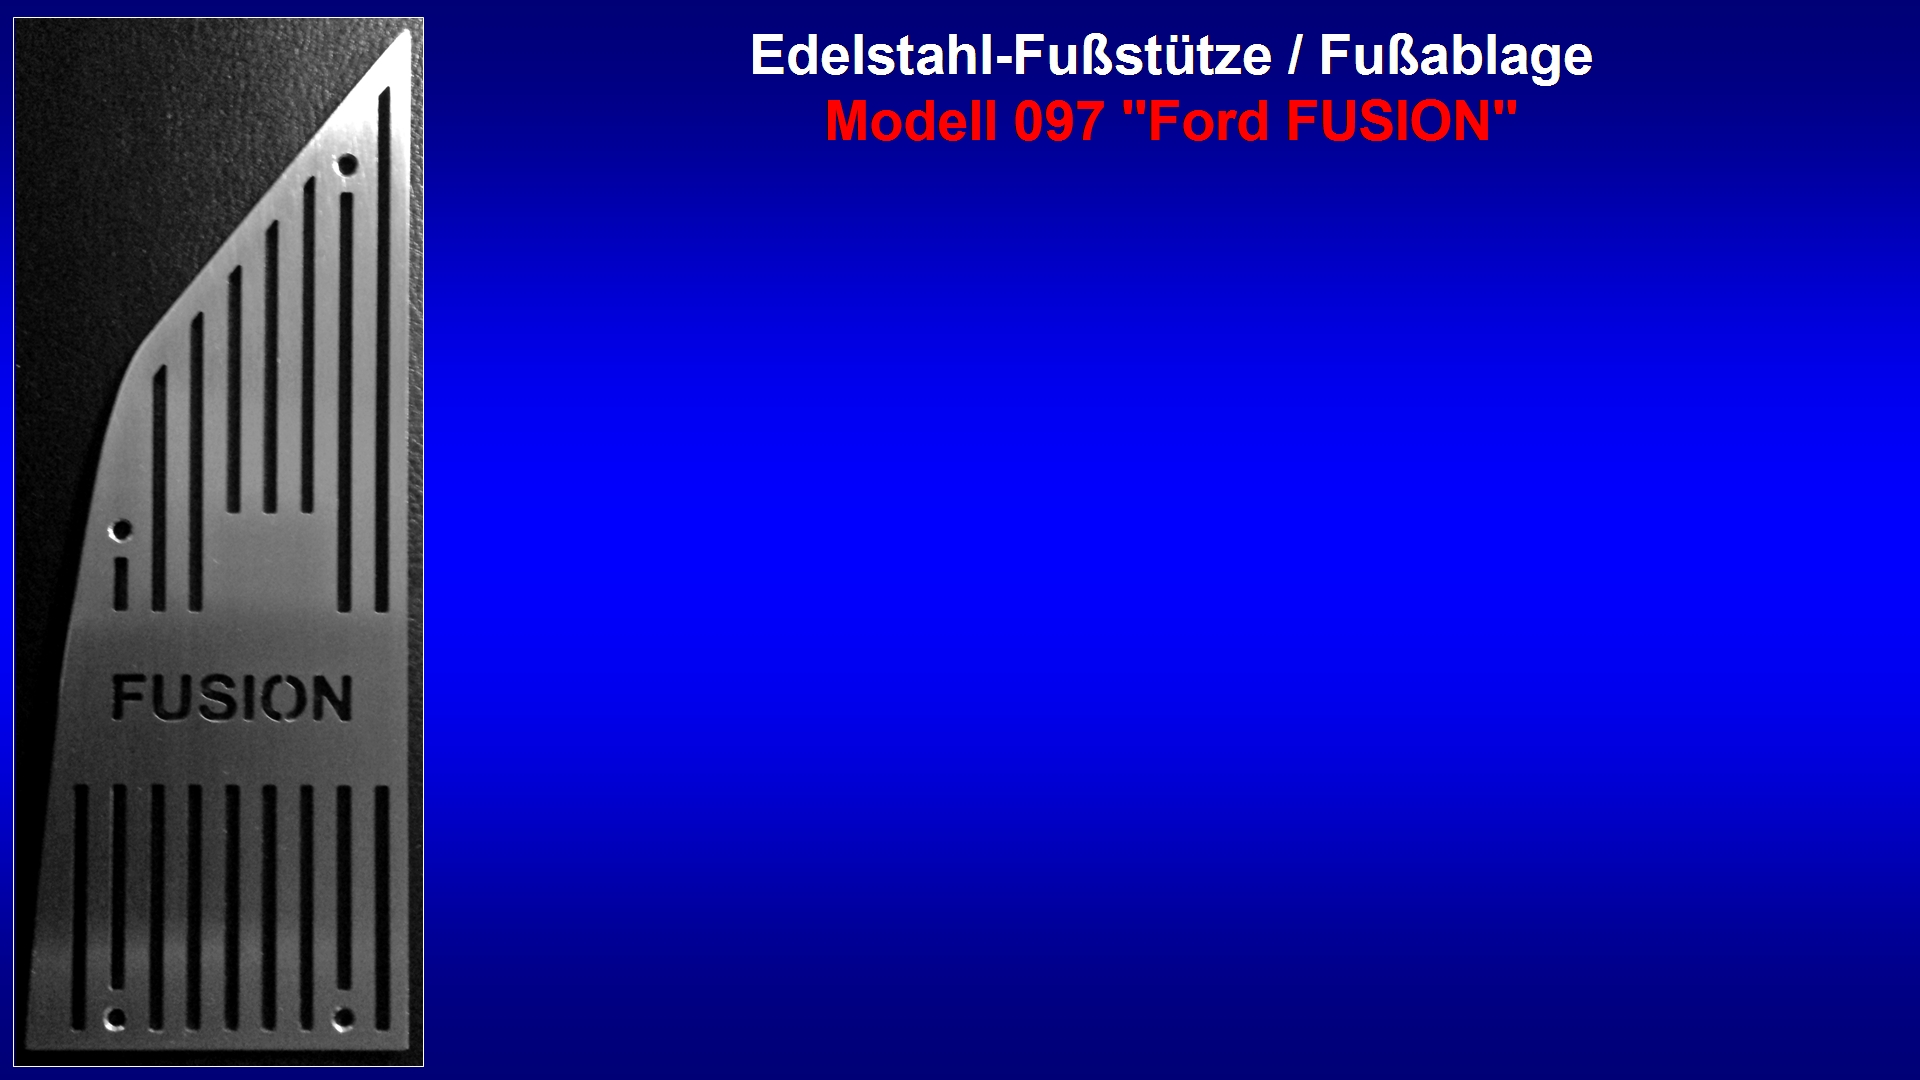 Präsentation Edelstahl-Fußstütze Modell 097 ''Ford FUSION'' [FUSION-Druckschrift].jpg